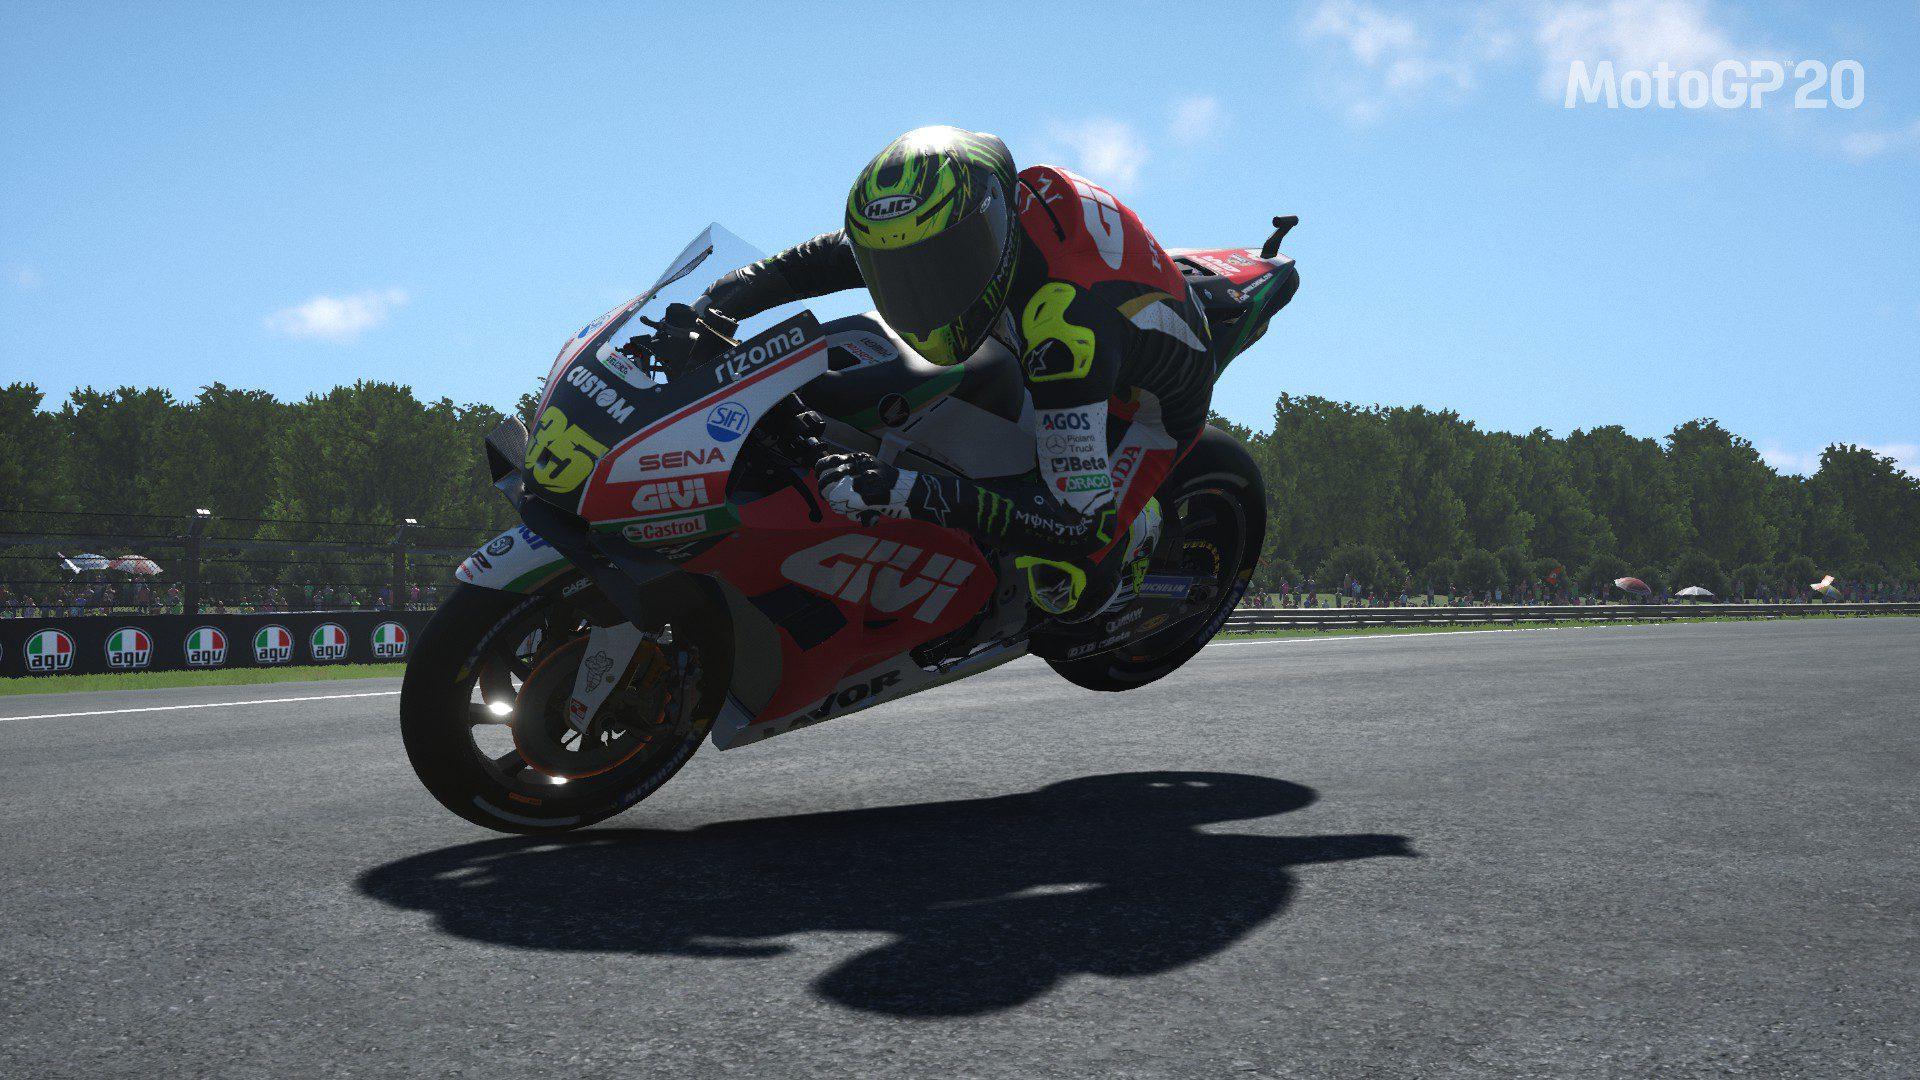 Moto GP20 Stoppie